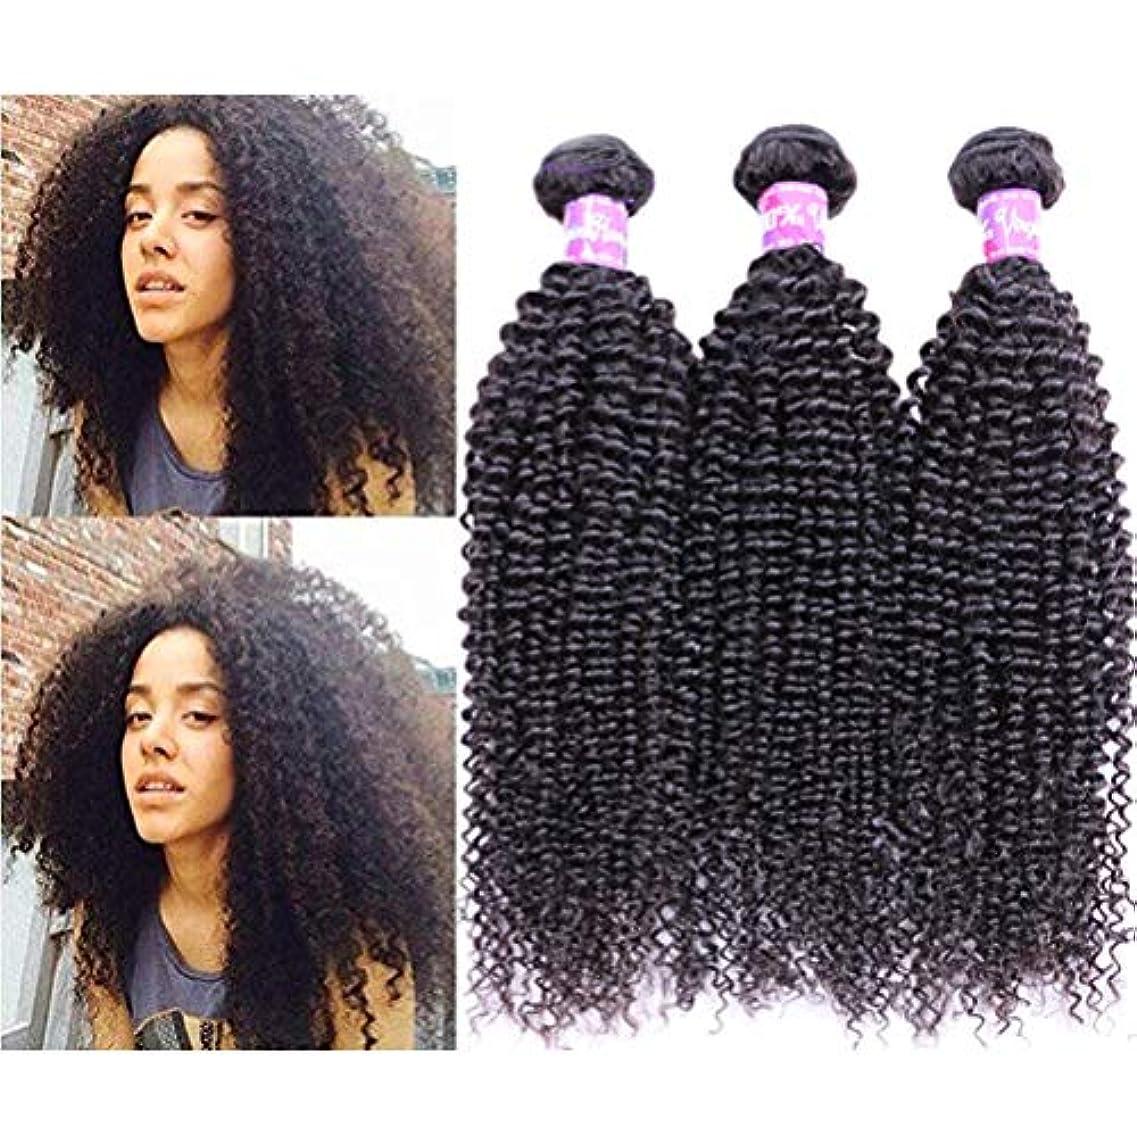 掘るレスリング受粉する女性の髪織り未処理のブラジルの深い巻き毛の束本物の人間の髪の束バージンブラジルの髪の束